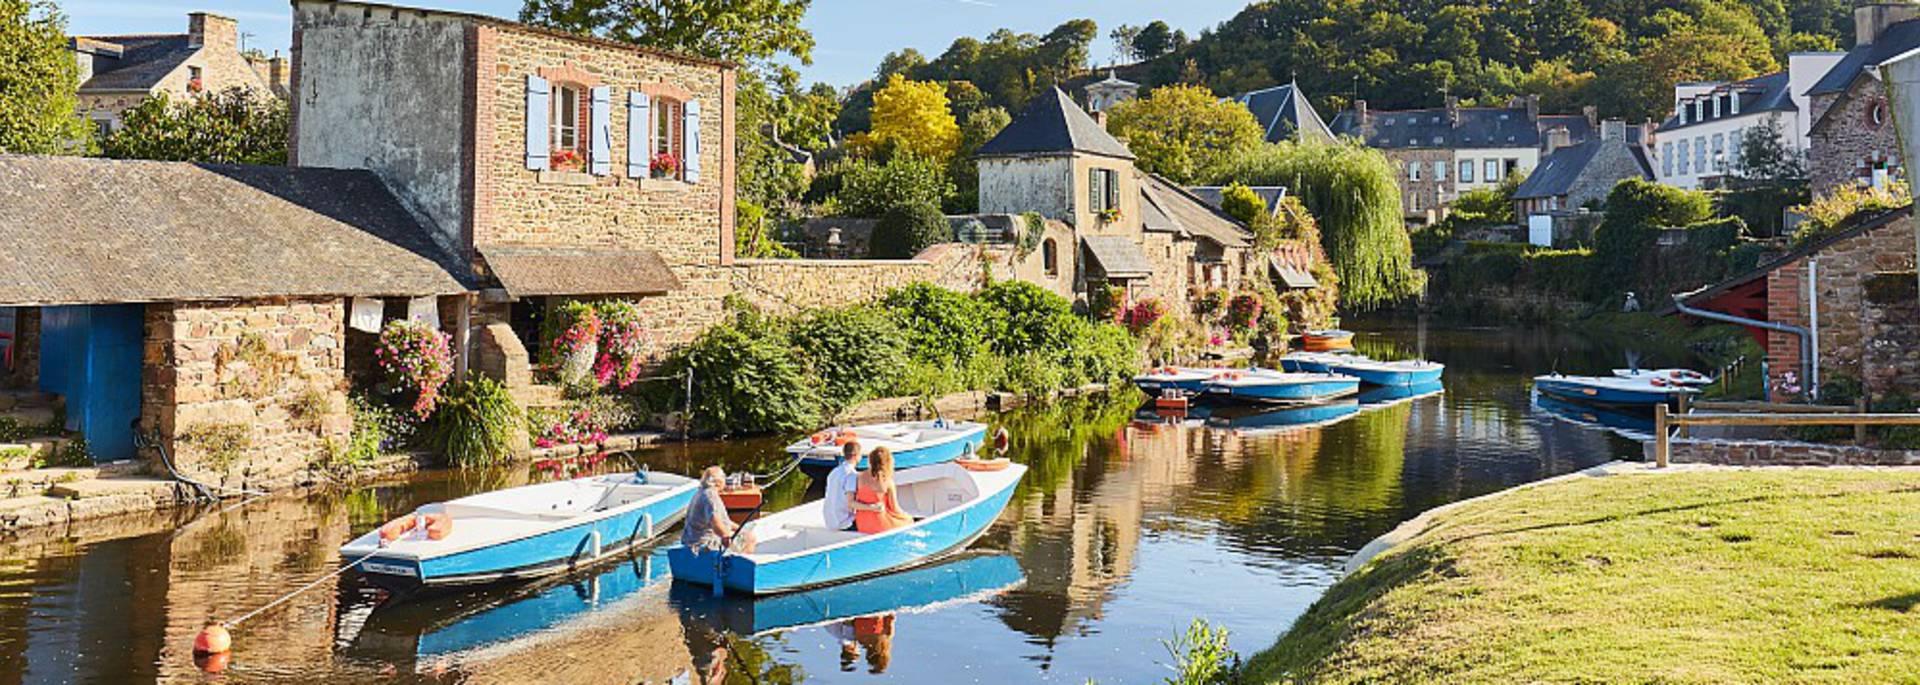 Promenades en barques à Pontrieux ©Lamoureux Alexandre